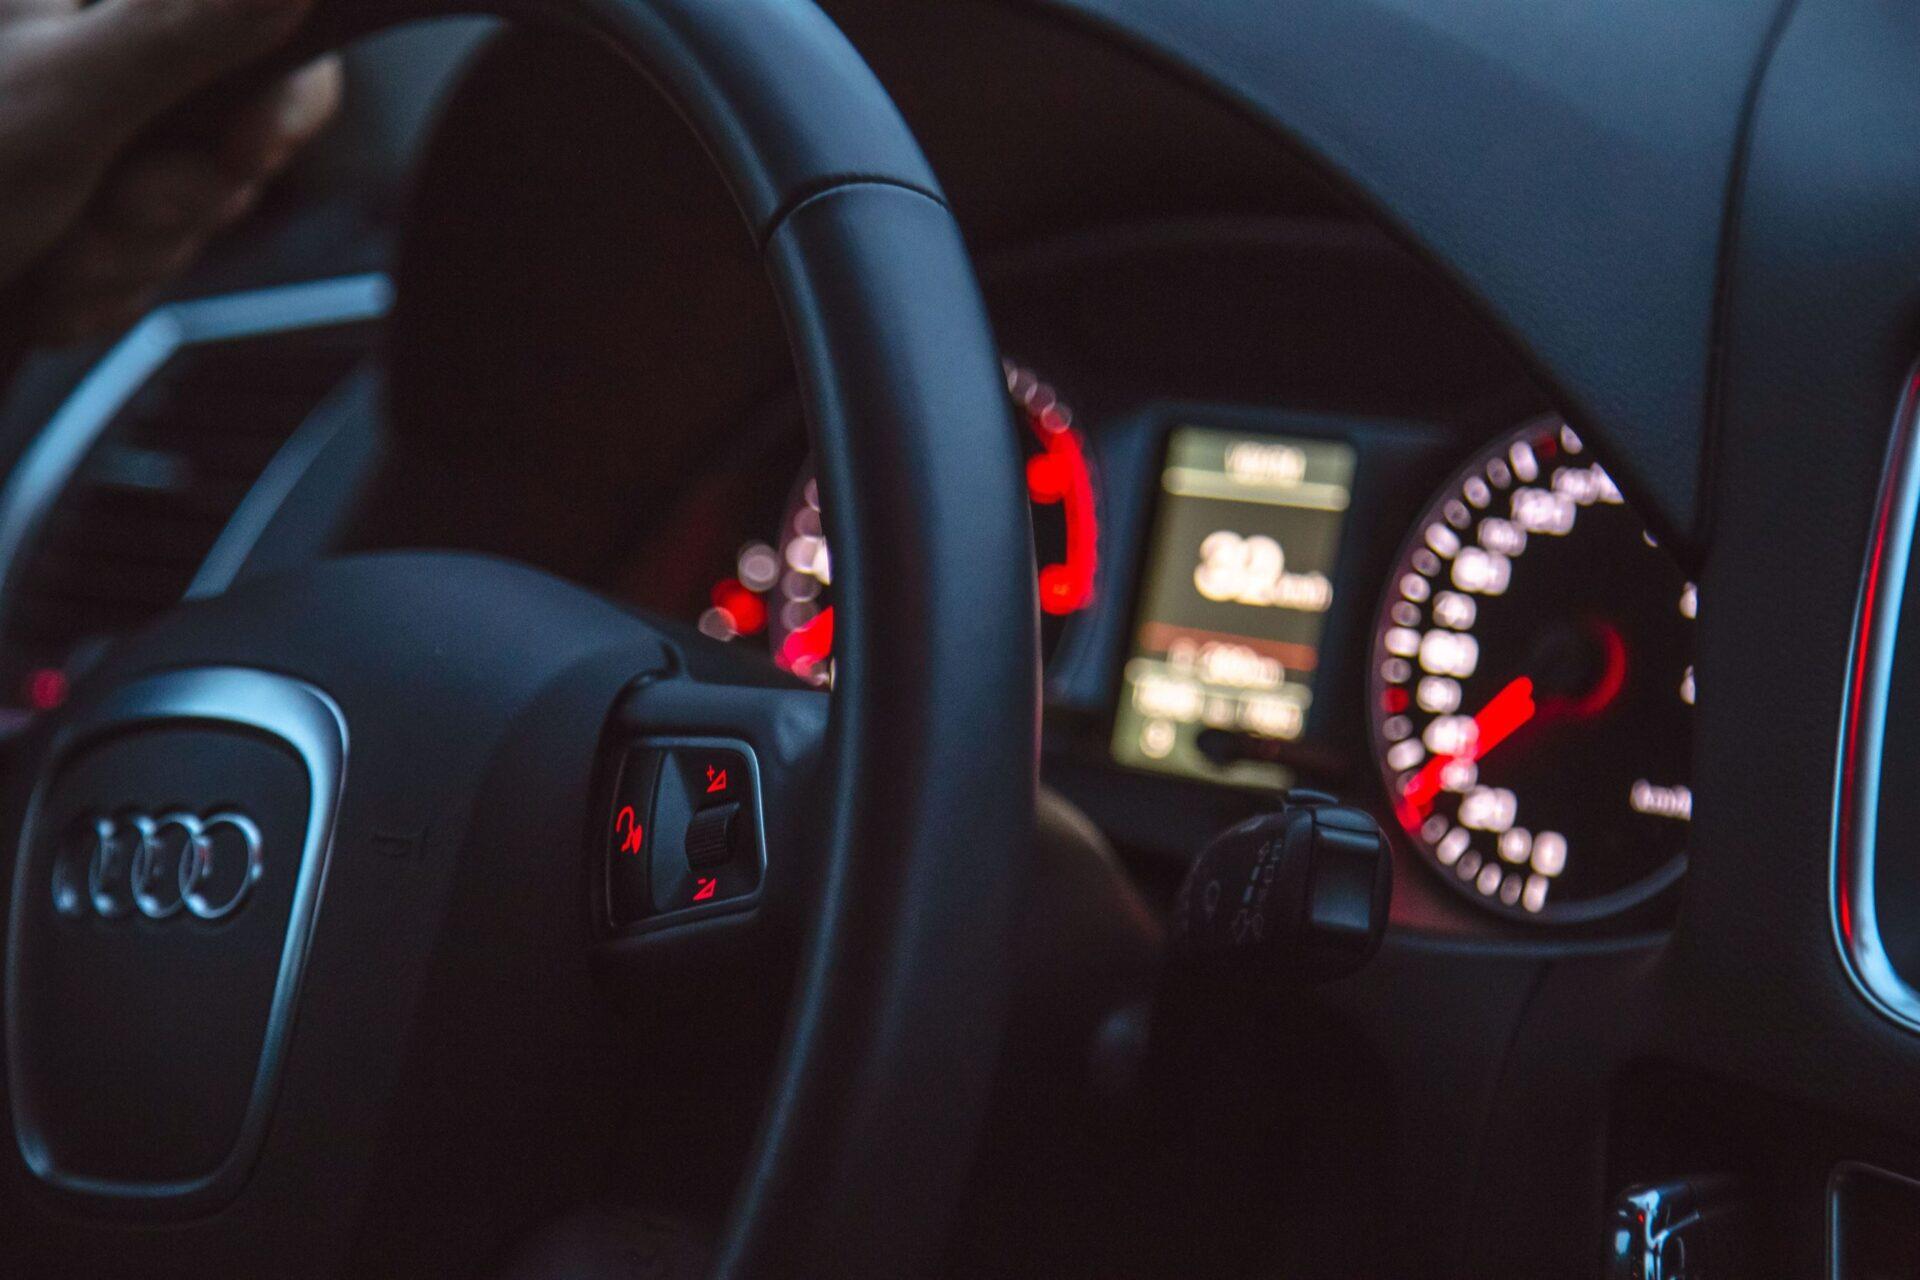 Coches de segunda mano… de ocasión… kilómetro cero.. ¿Qué diferencia hay?